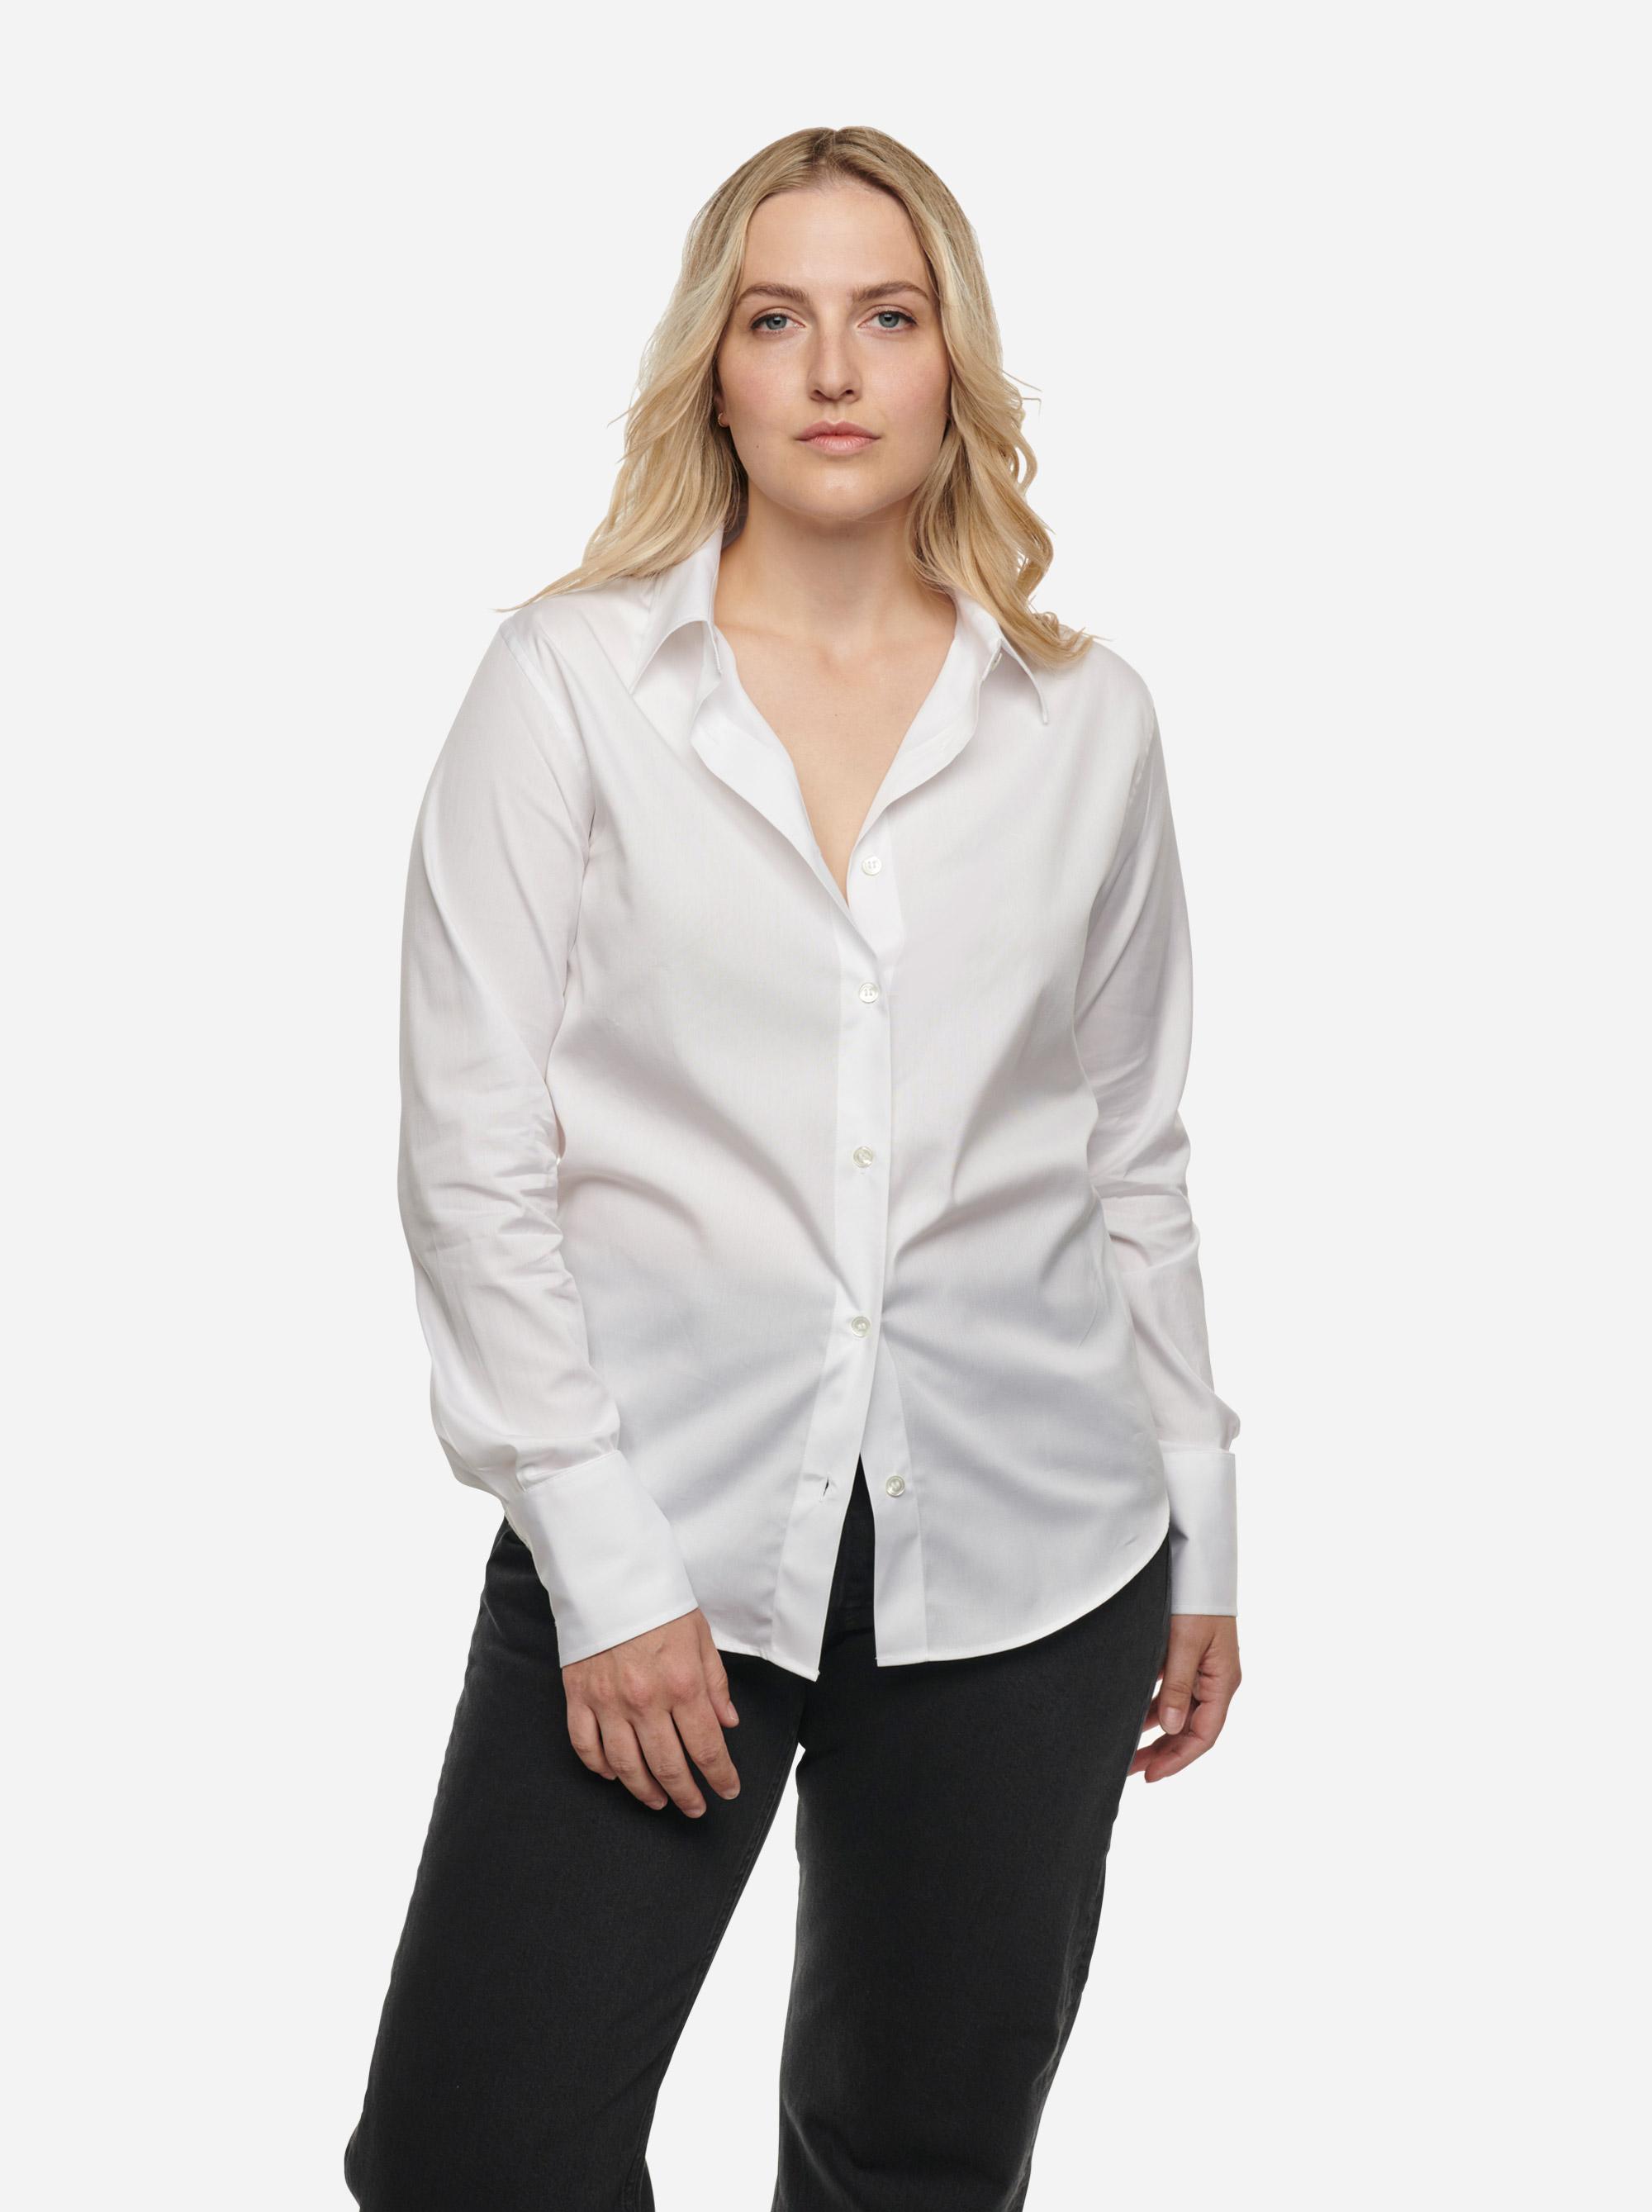 Teym-Shirt-White-women-5